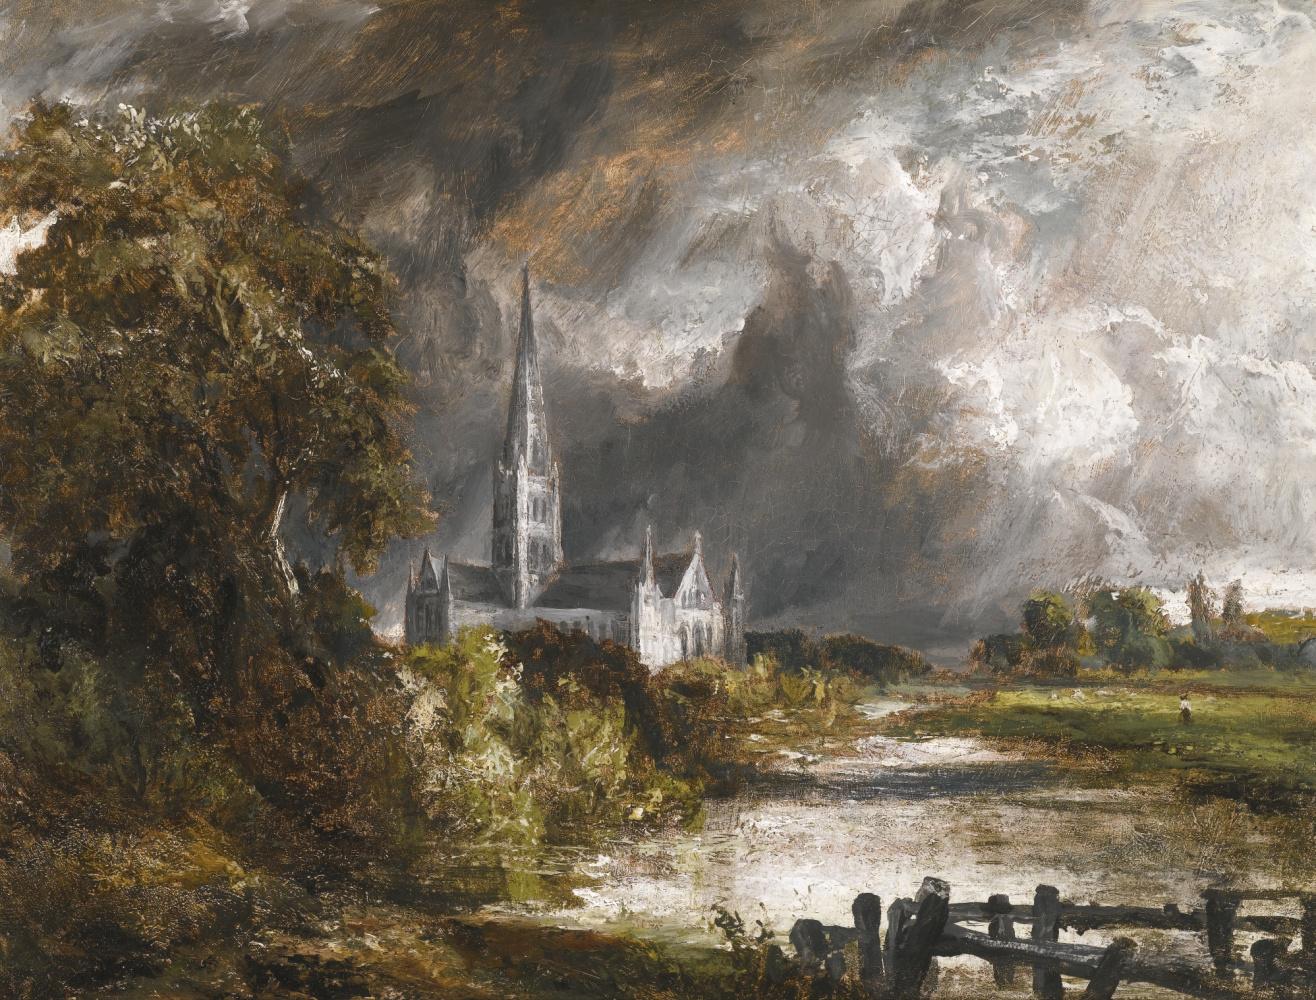 """За что так ценят """"Вид на собор Солсбери из епископского сада"""" на Christie's? Эскиз шедевра Констебла идет на рекорд."""